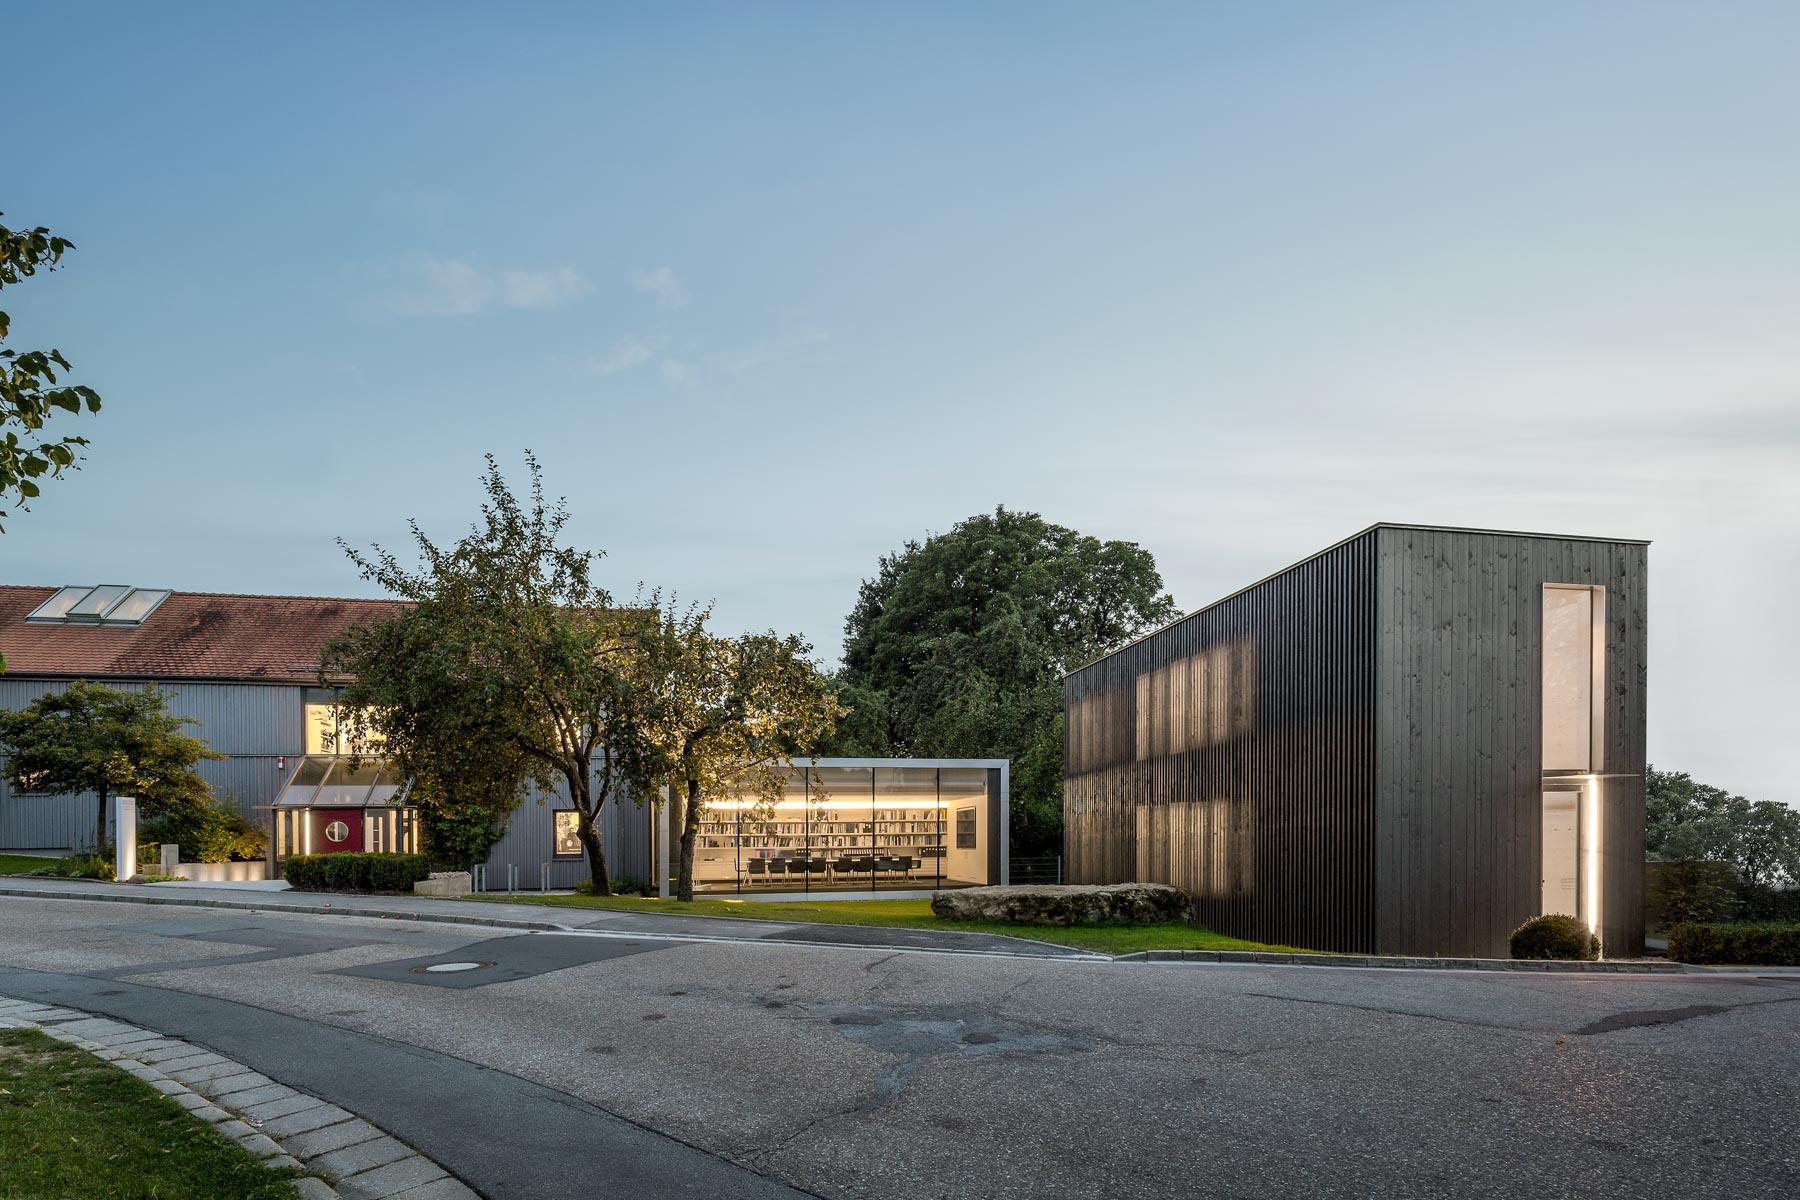 Büro Berschneider+Berschneider Architekten